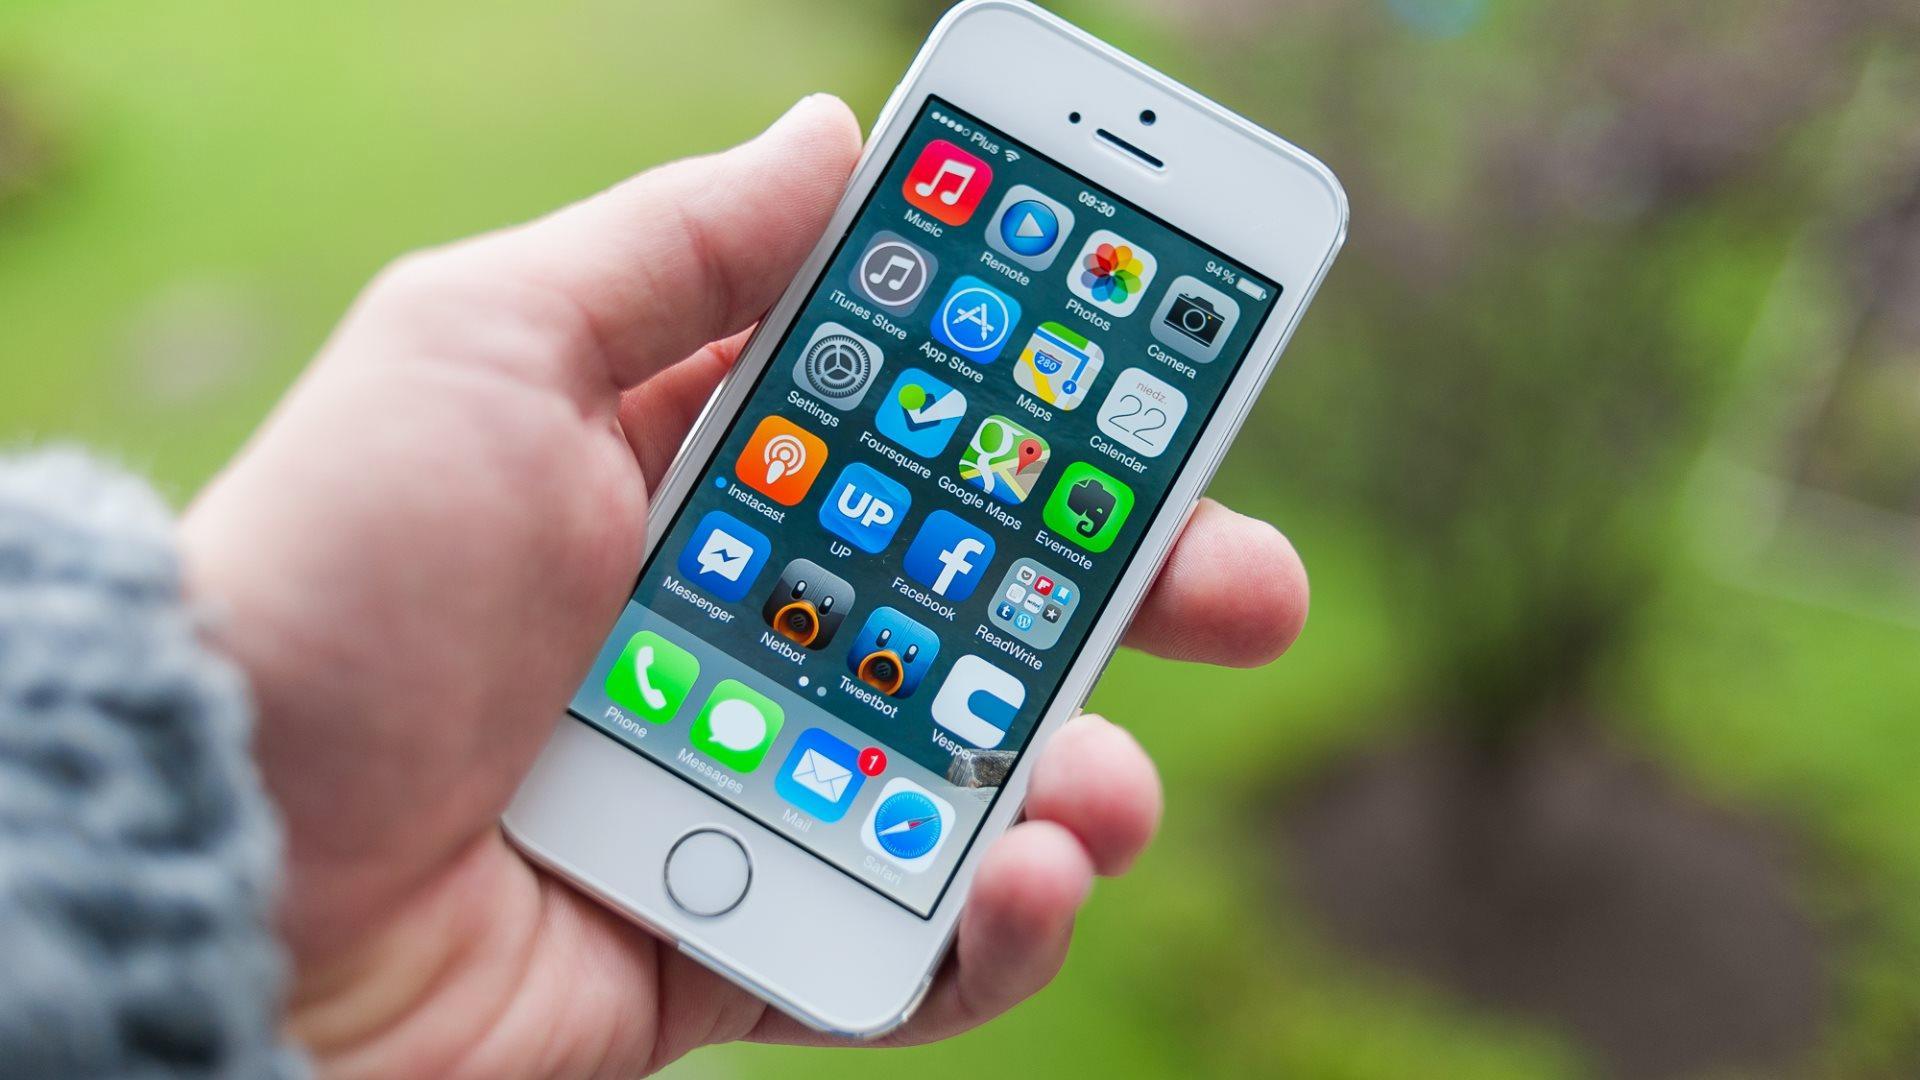 iPhone App Development Trends in 2017